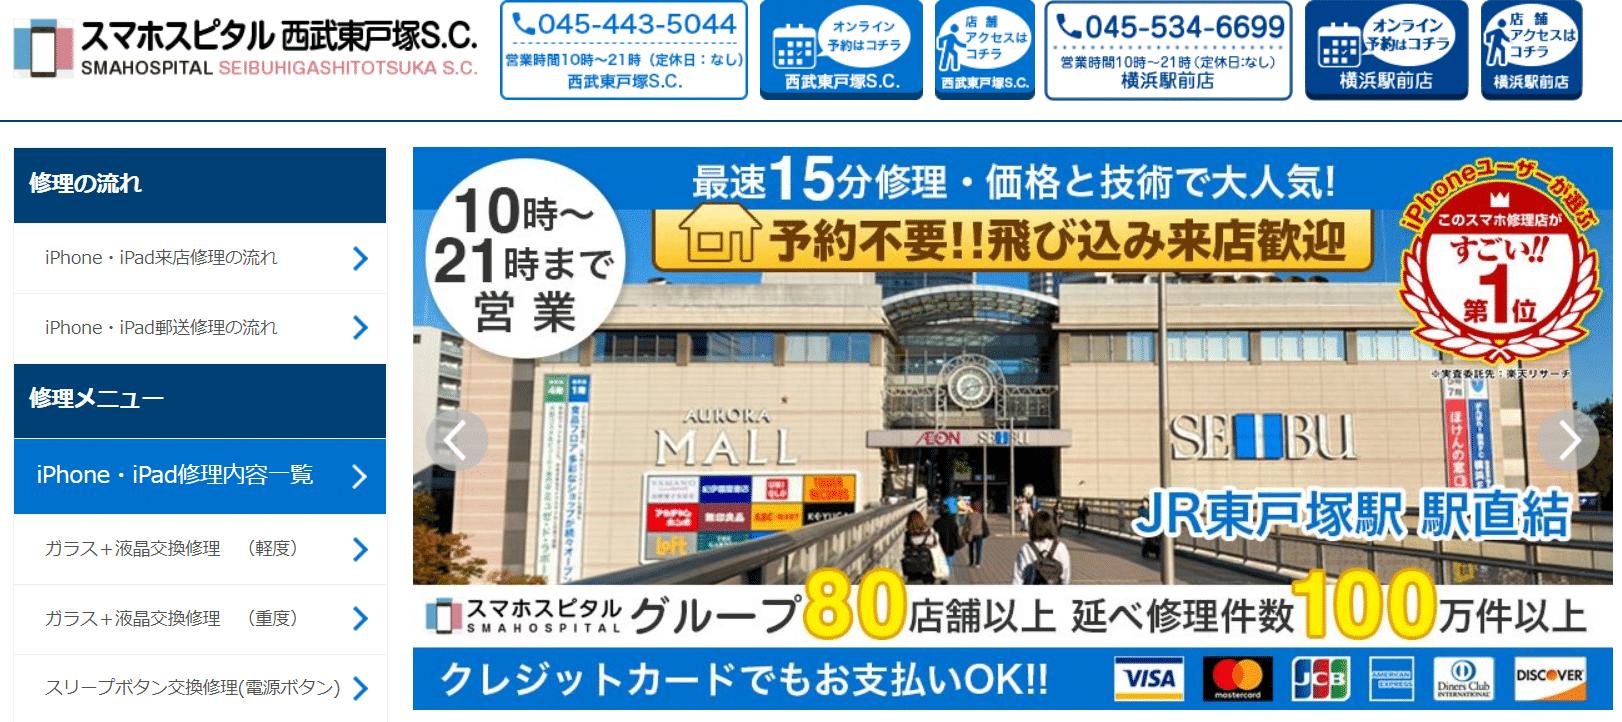 スマホスピタル西武東戸塚S.C.